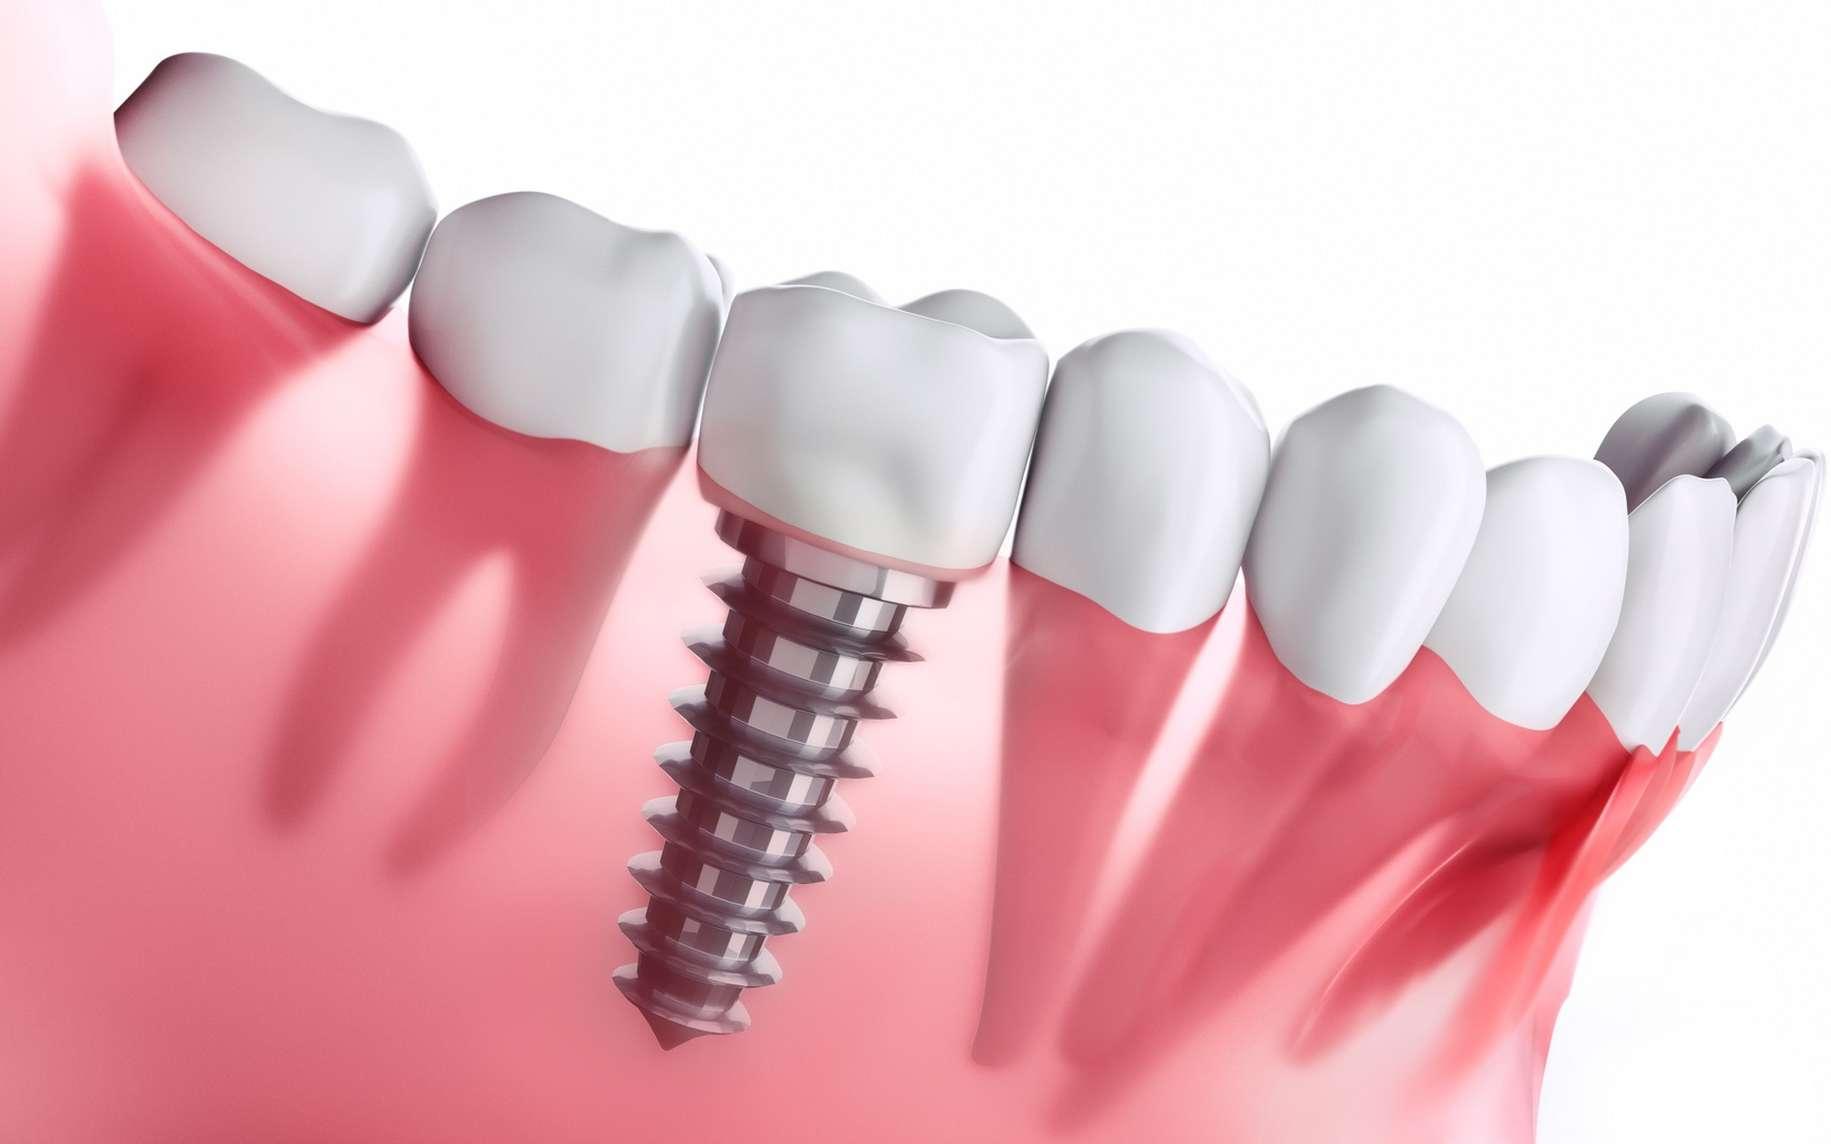 Implant dentaire : Quel est le protocole pour l'implant ?